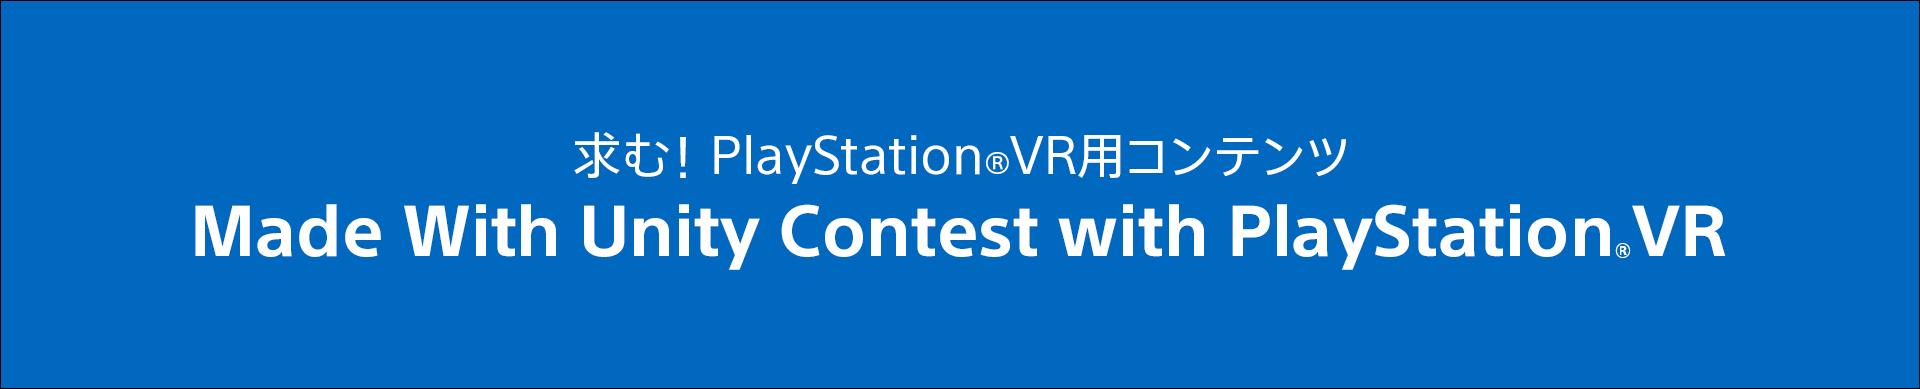 求む! PlayStation VR用コンテンツ「Made With Unity Contest with PlayStation VR」